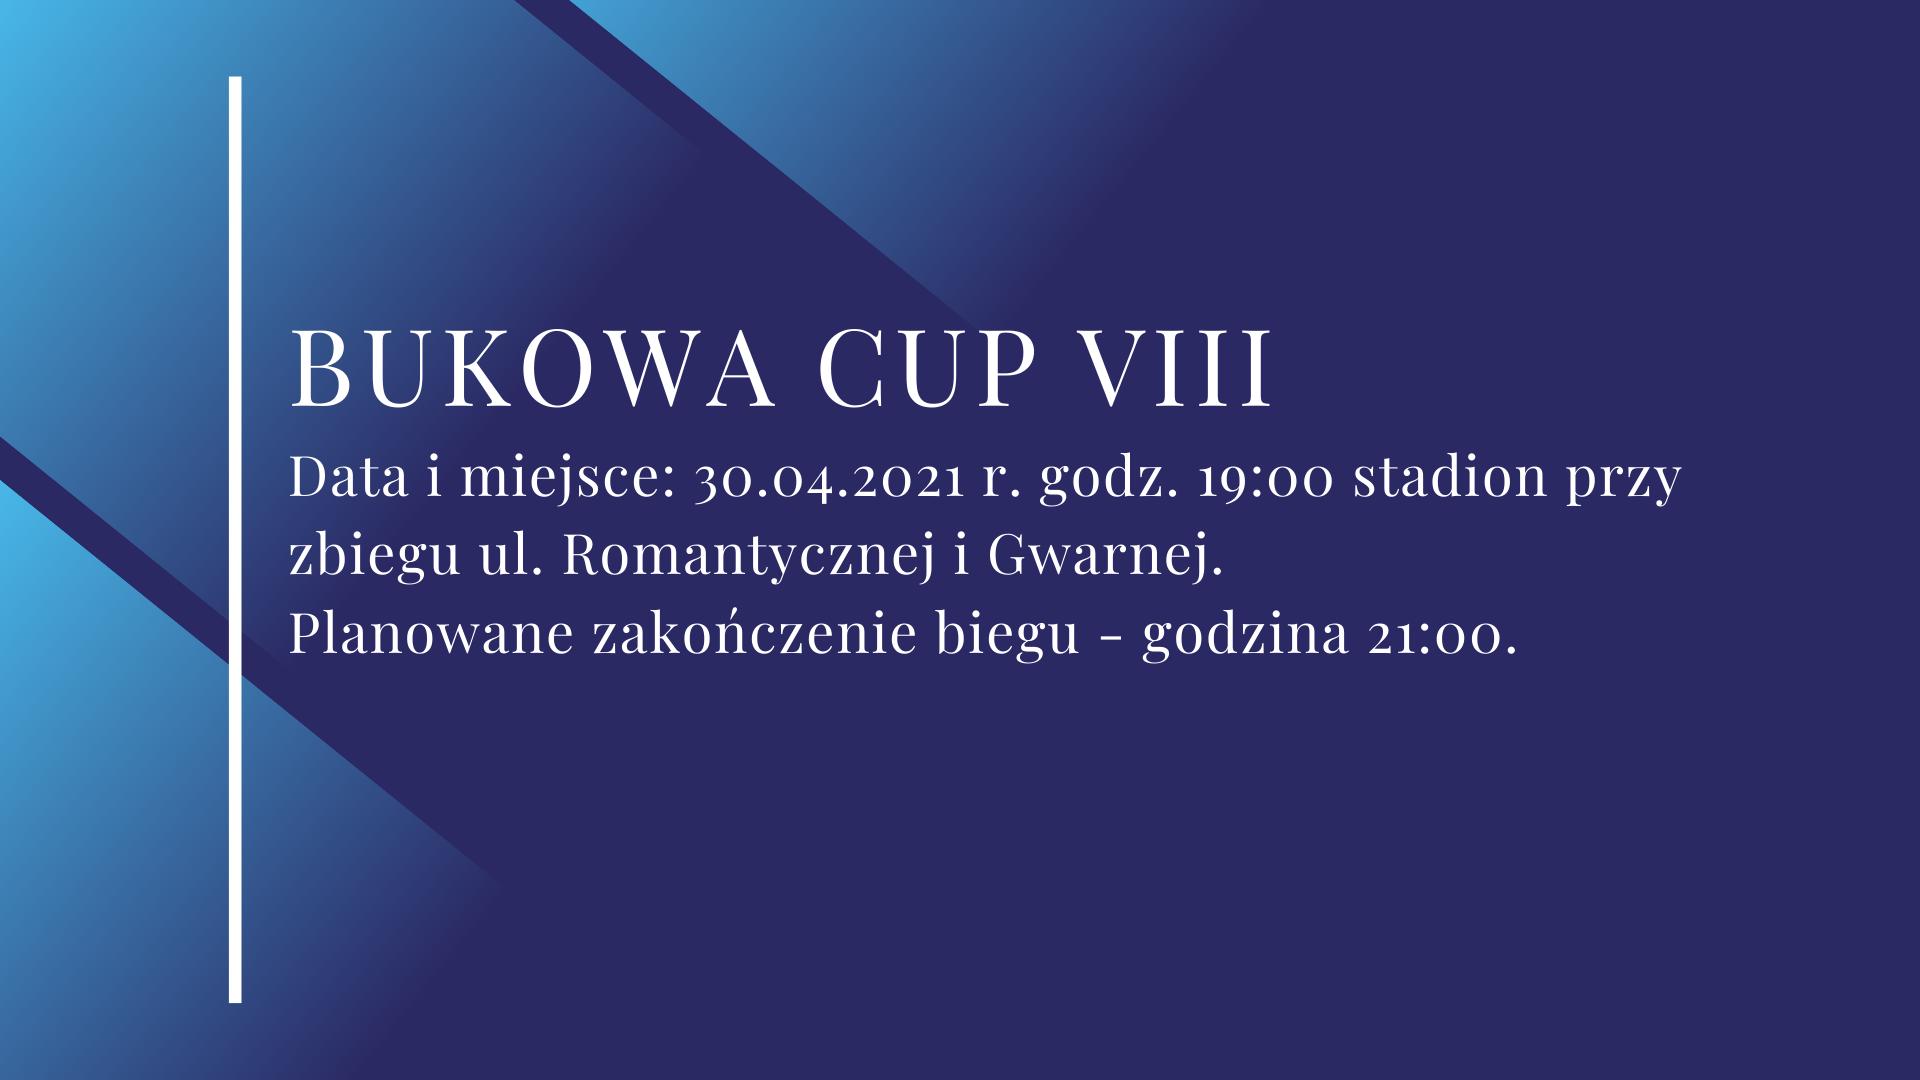 Tłem grafiki są kafle w różnym odcieniu koloru niebieskiego. W centralnym punktcie znajduje się tekst Bukowa Cup VIII,Data i miejsce: 30.04.2021 r. godz. 19:00 stadion przy zbiegu ul. Romantycznej i Gwarnej. Planowane zakończenie biegu - godzina 21:00.